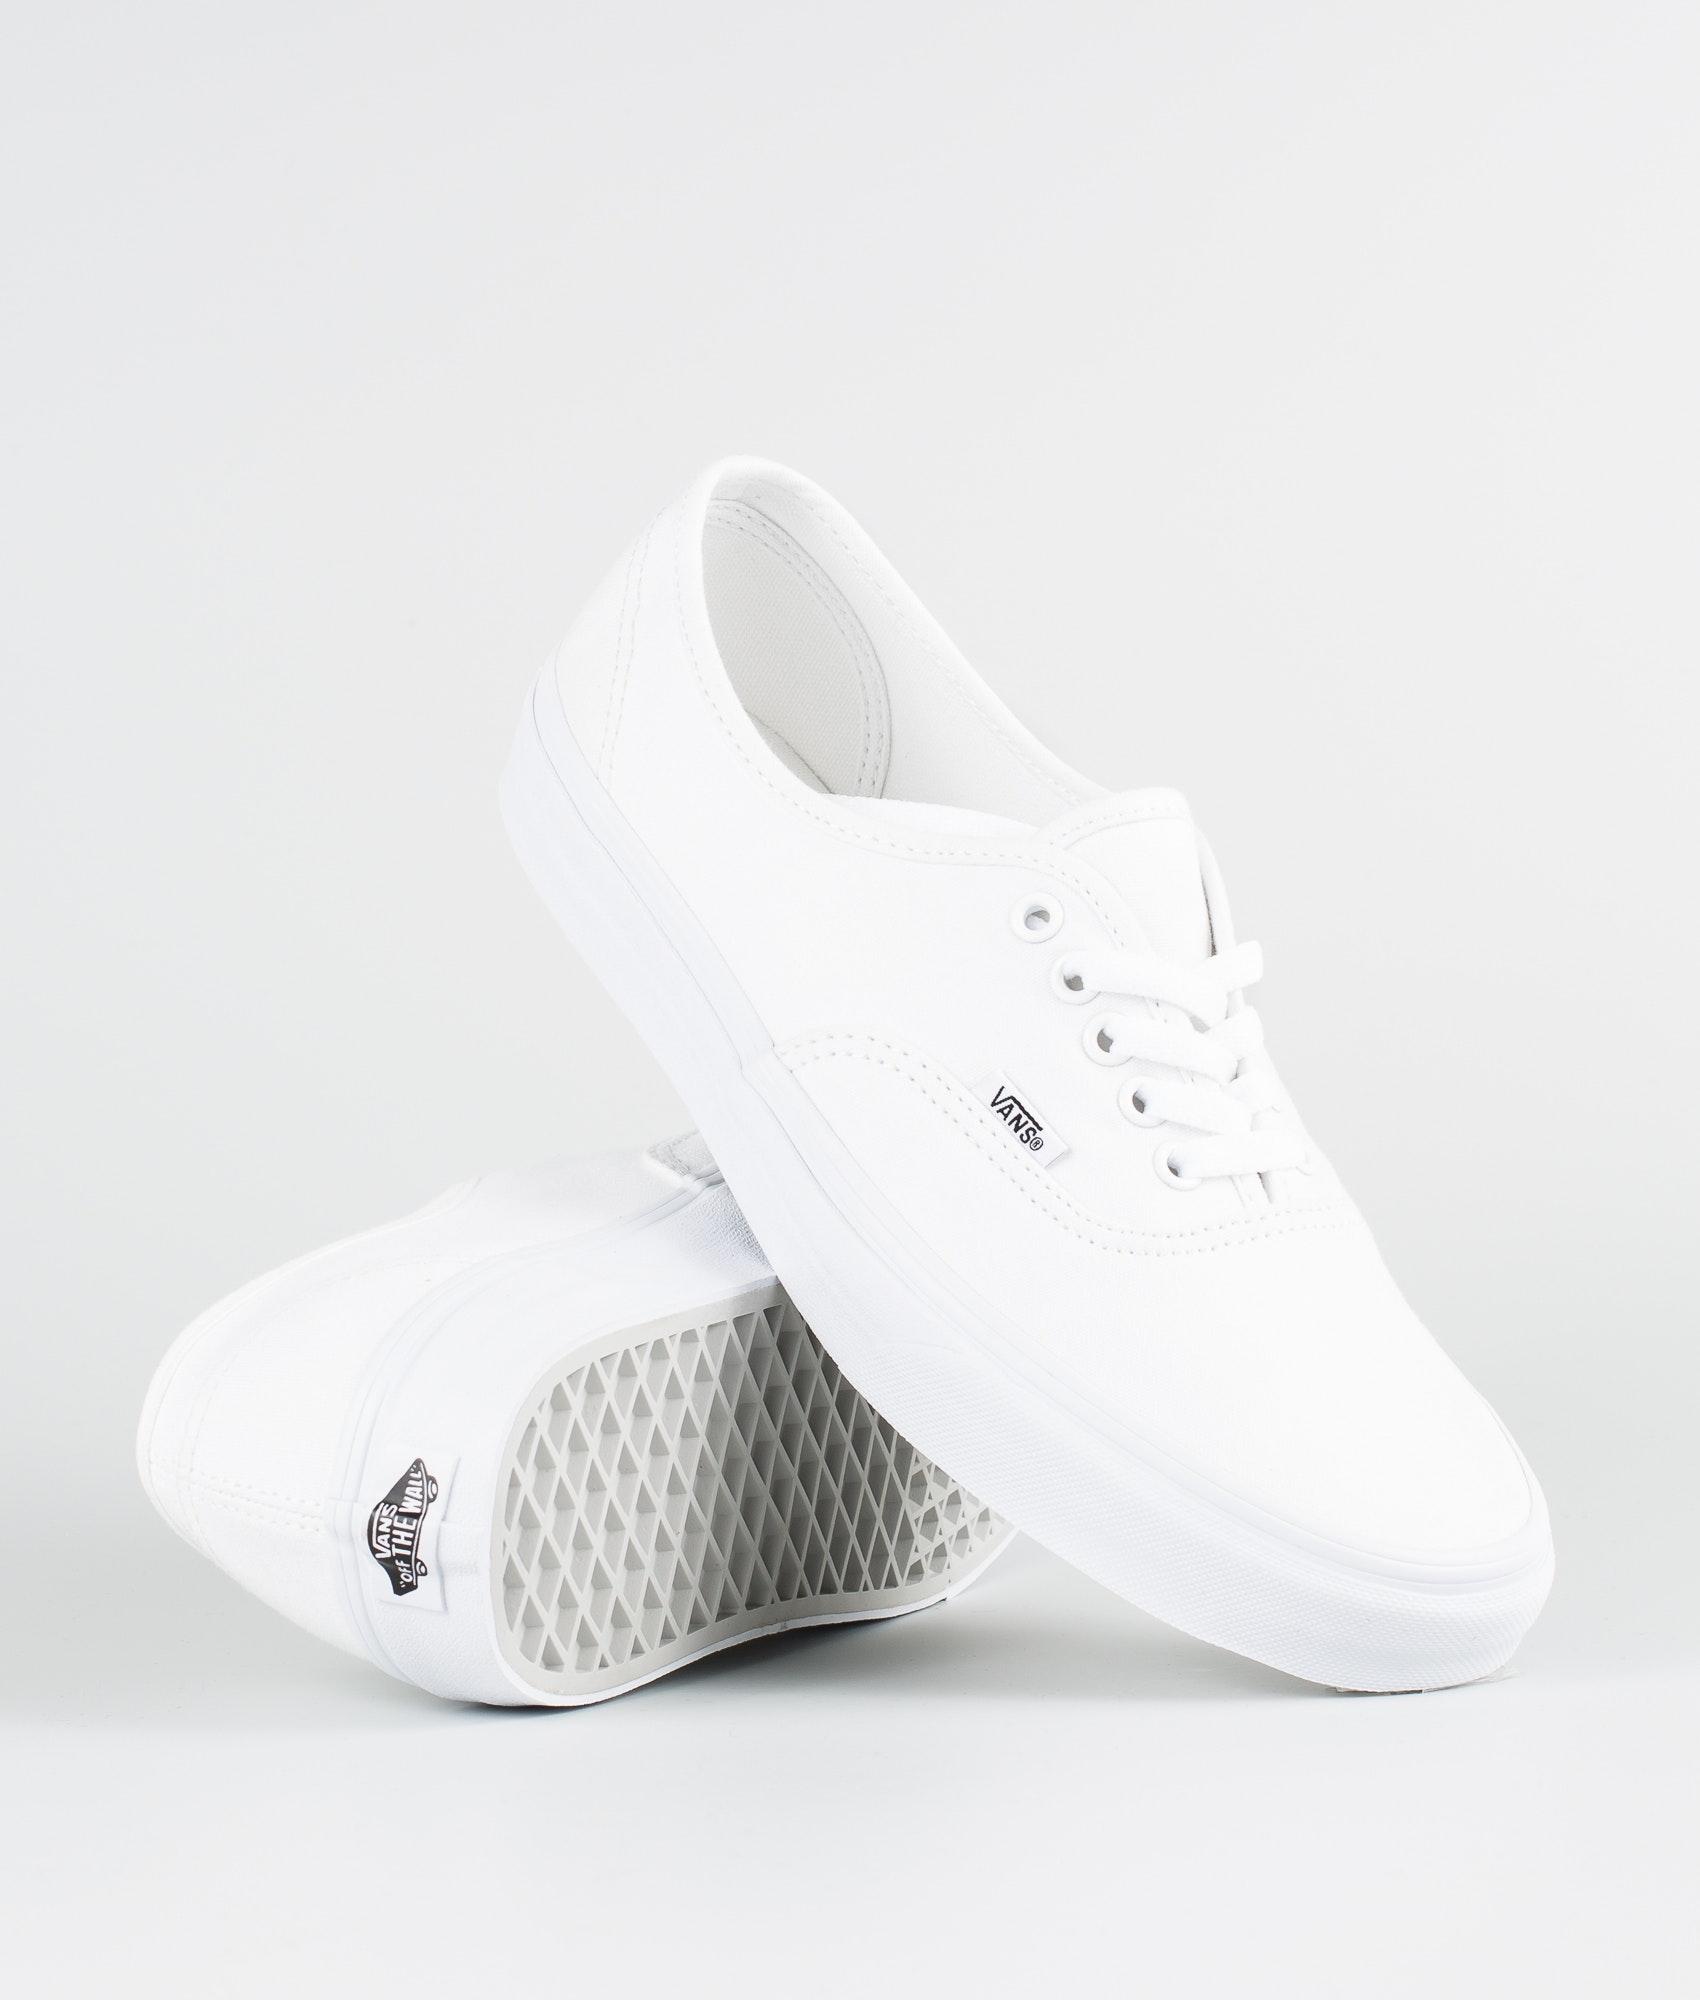 Vans Authentic Shoes True White